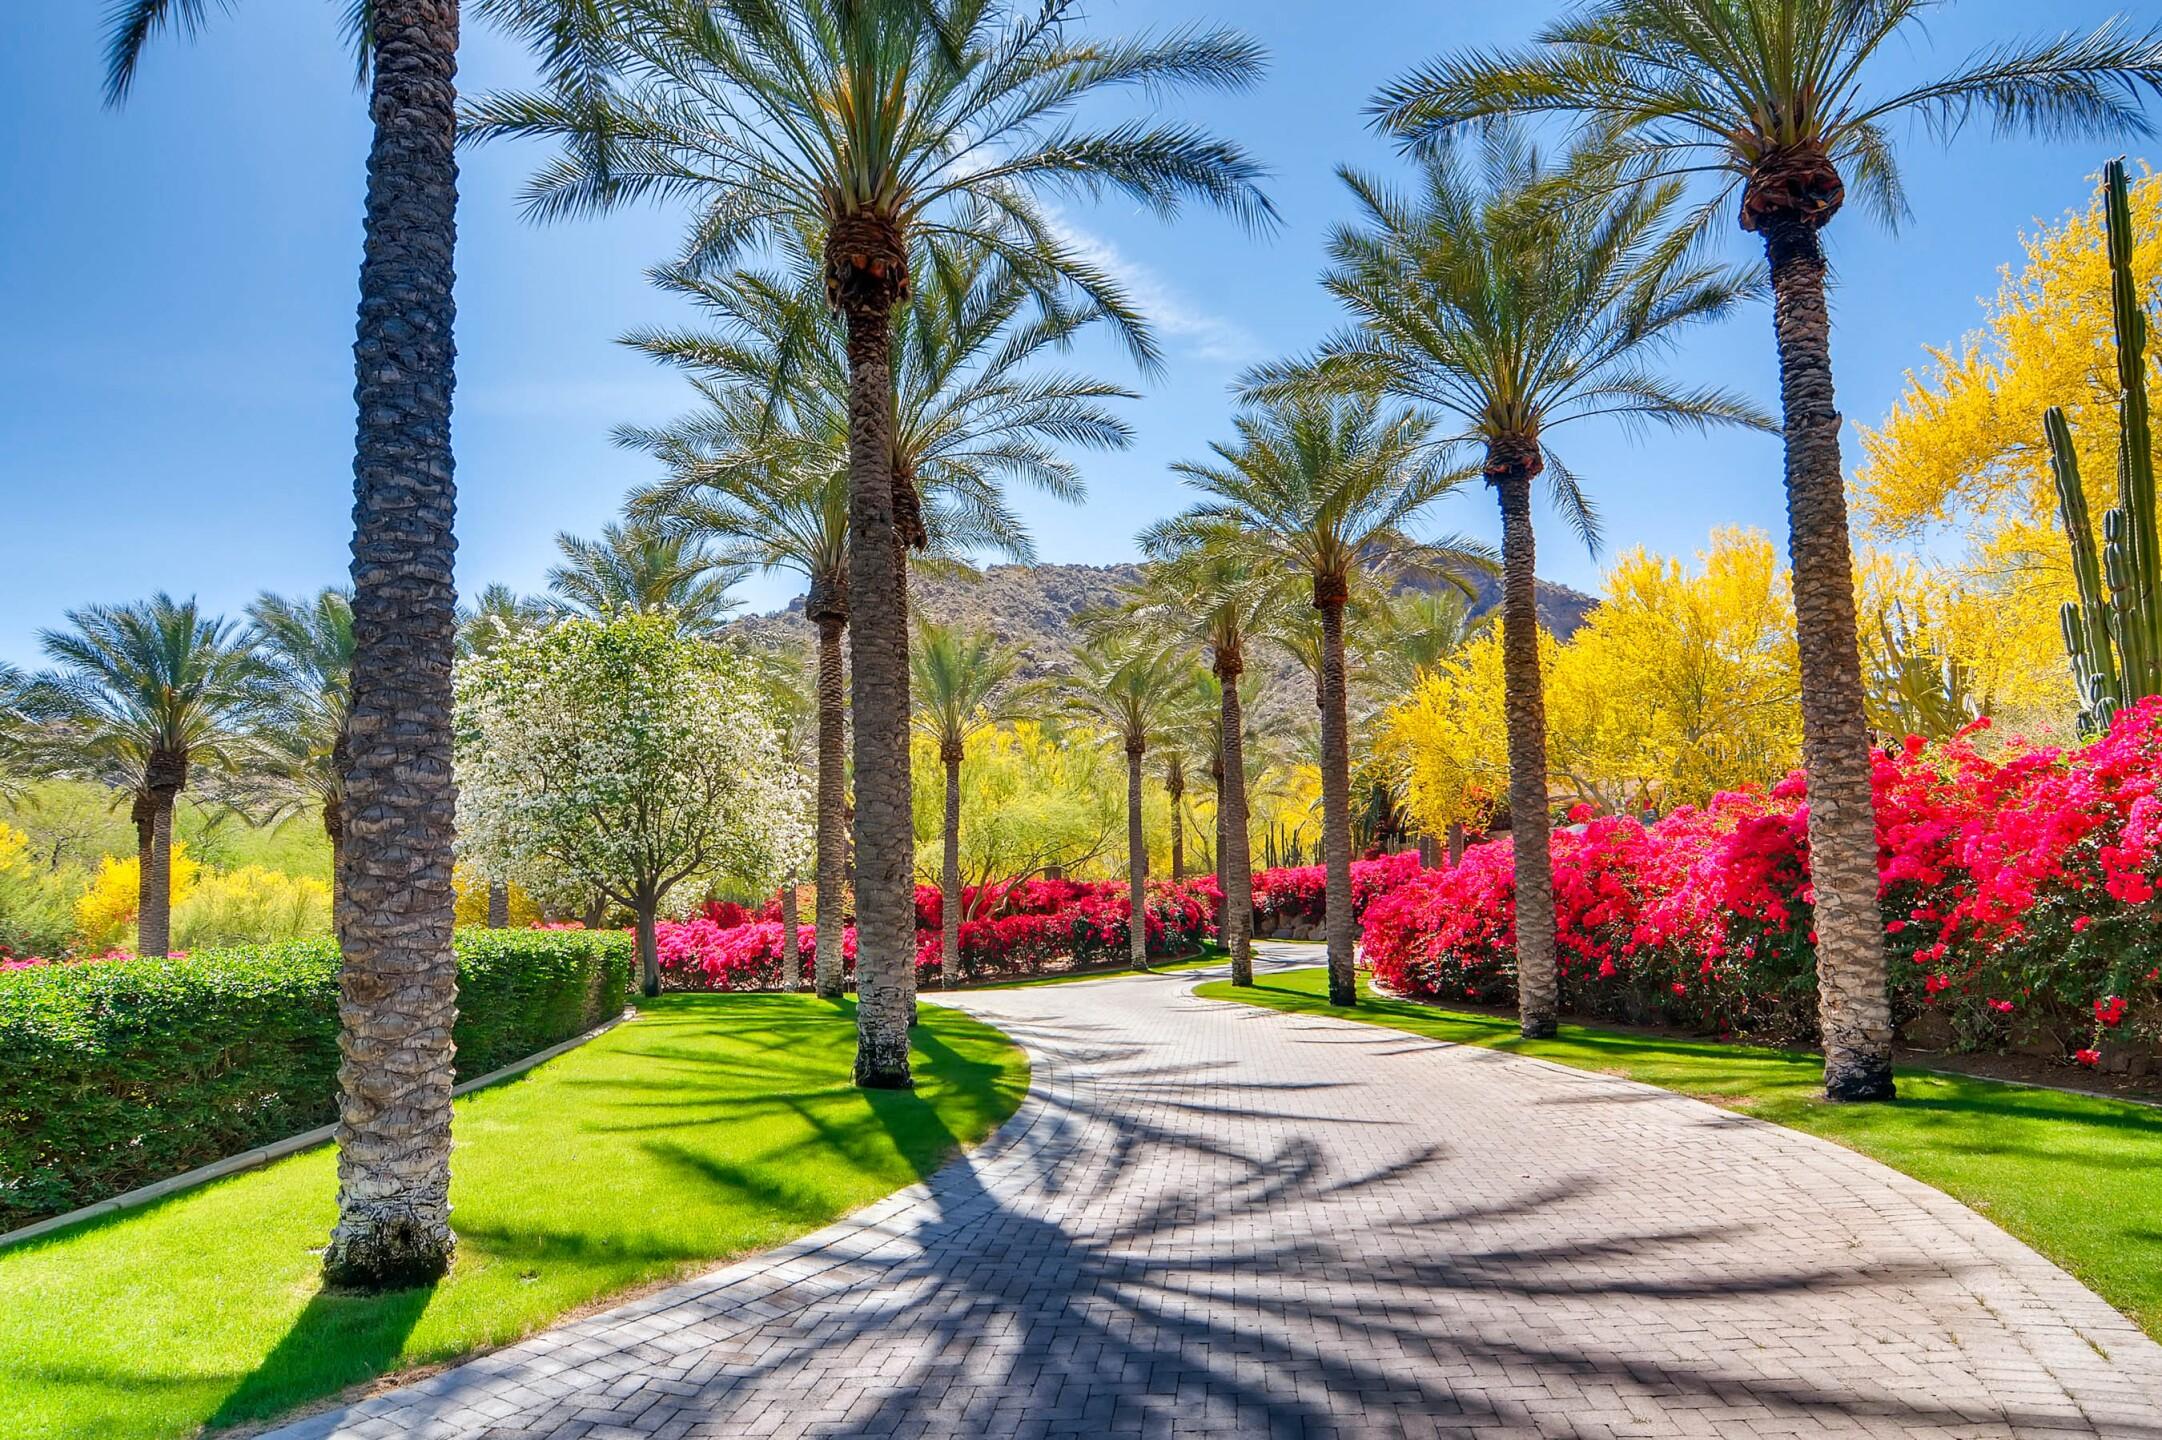 villa-paradiso-paradise-valley-arizona-06.jpg